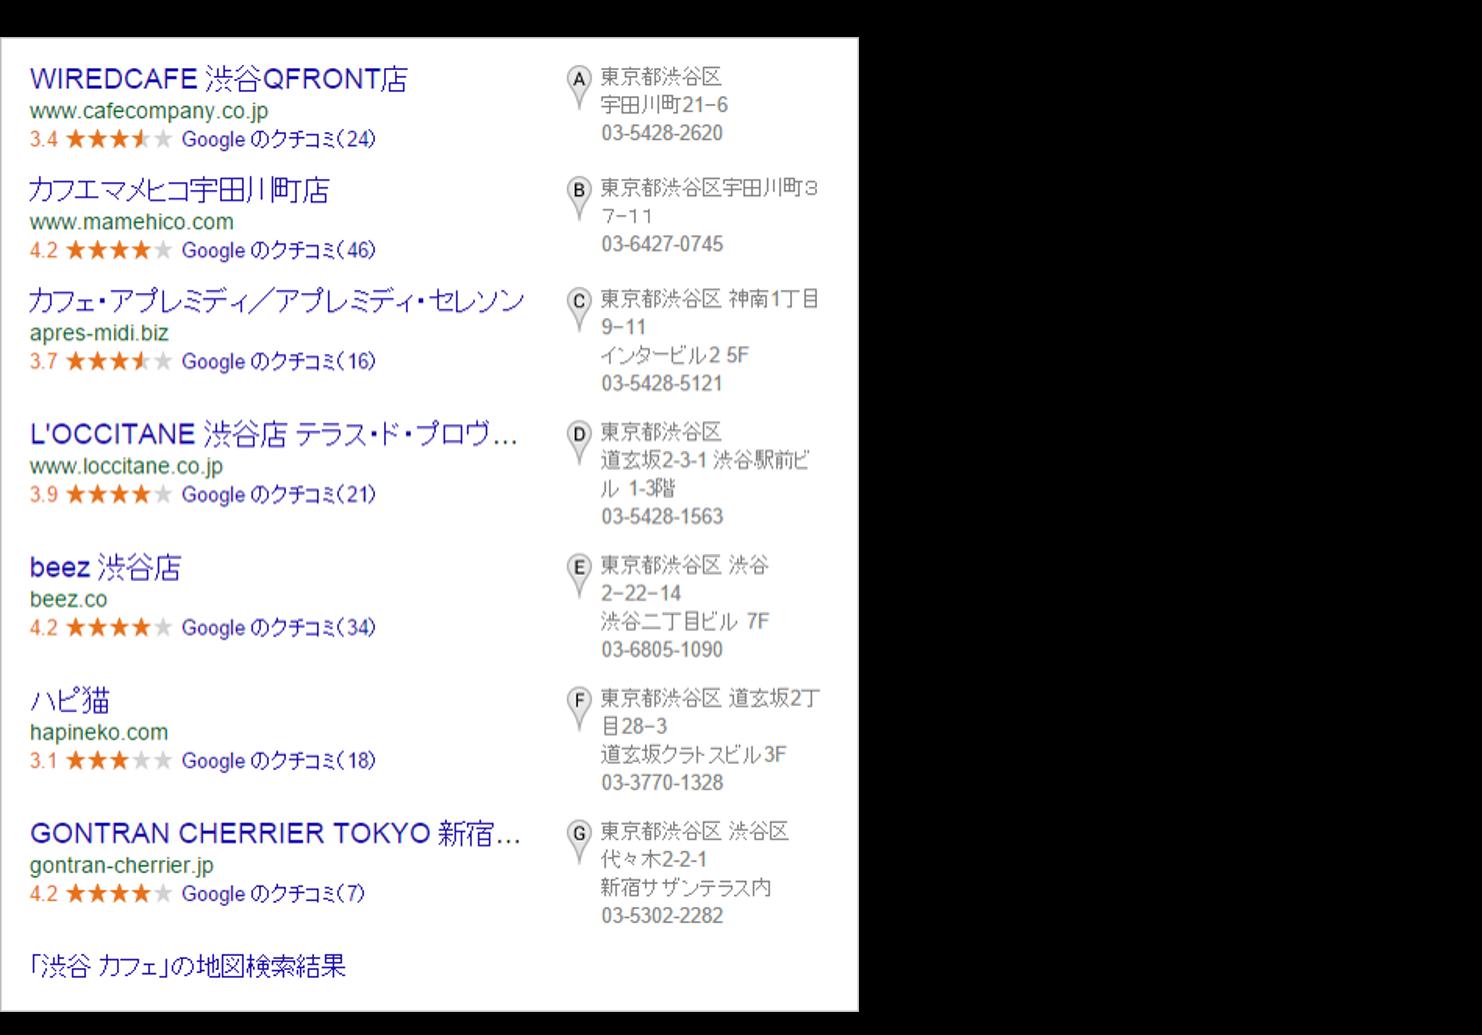 渋谷 カフェ 検索結果